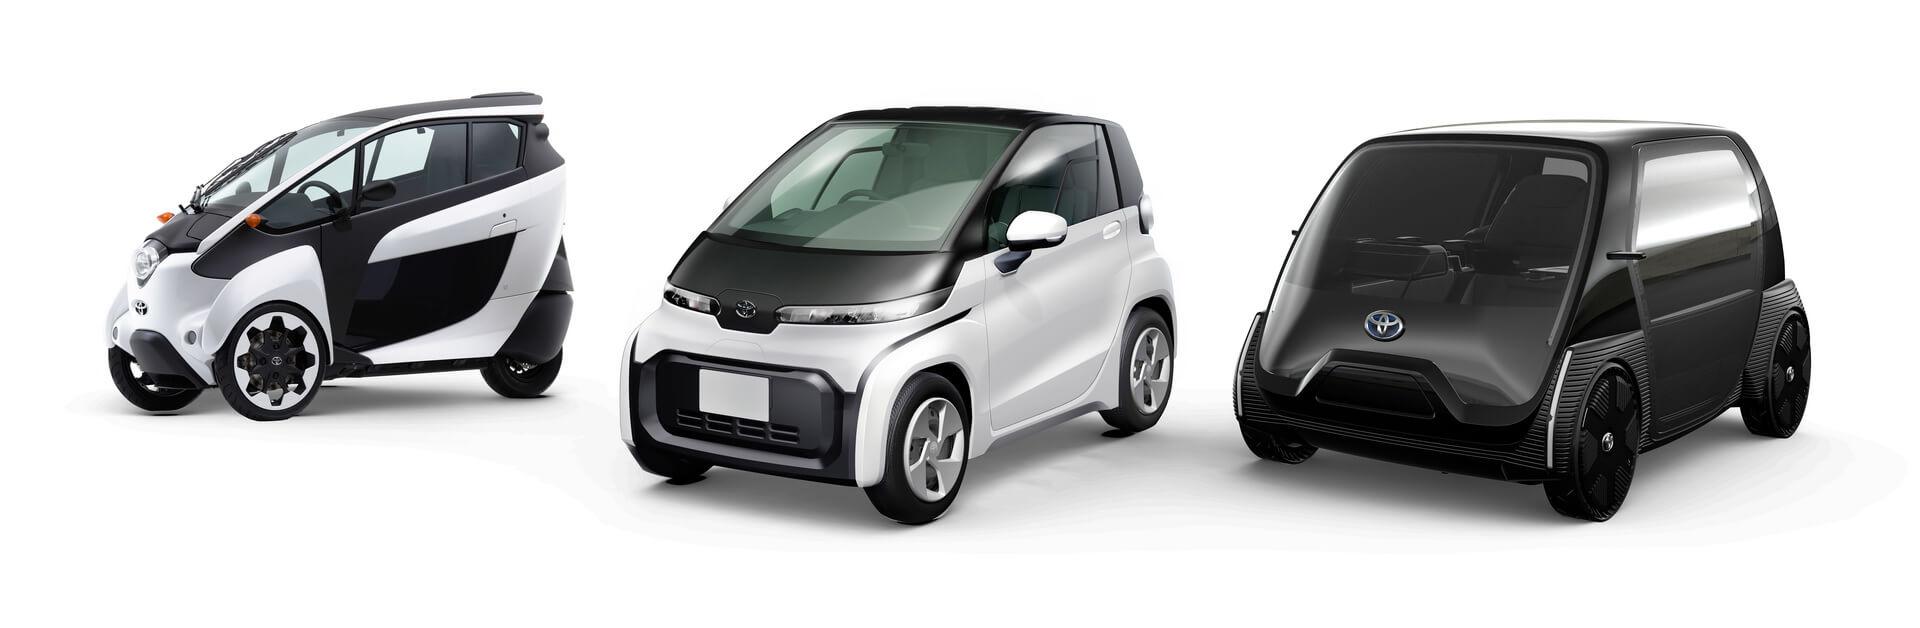 Образы городских электромобилей Toyota